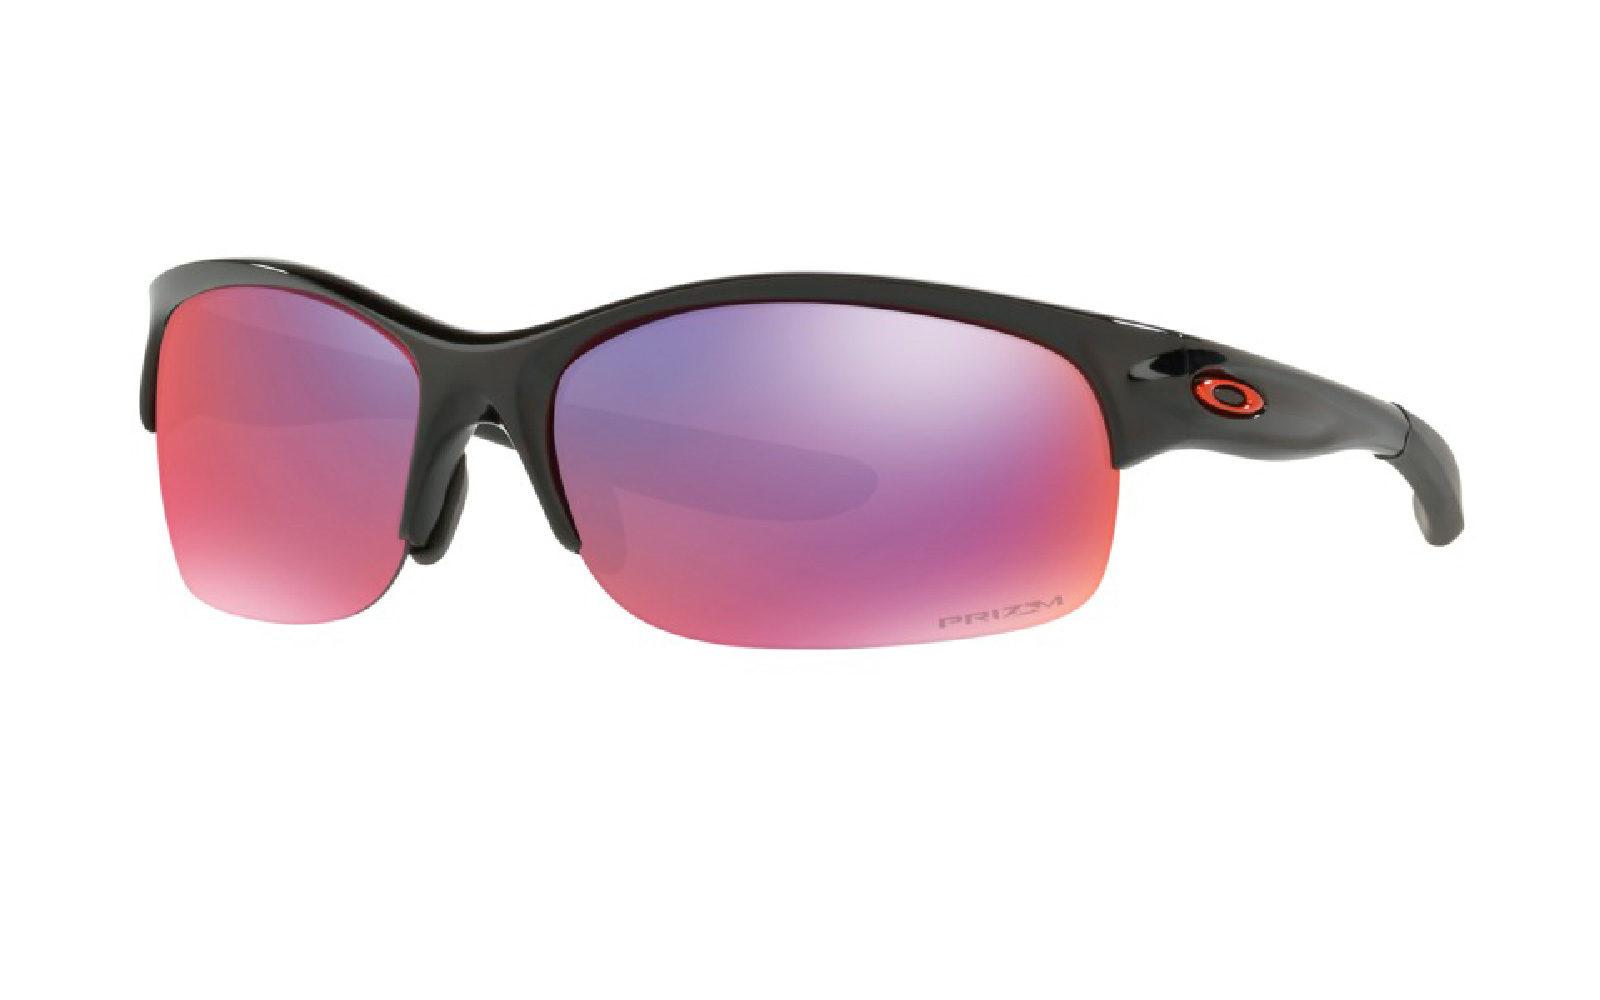 Oakley Commit SQ, studiati per le donne, con lenti Prizm per regolare il colore, massimizzare il contrasto e migliorare la visibilità, euro 162